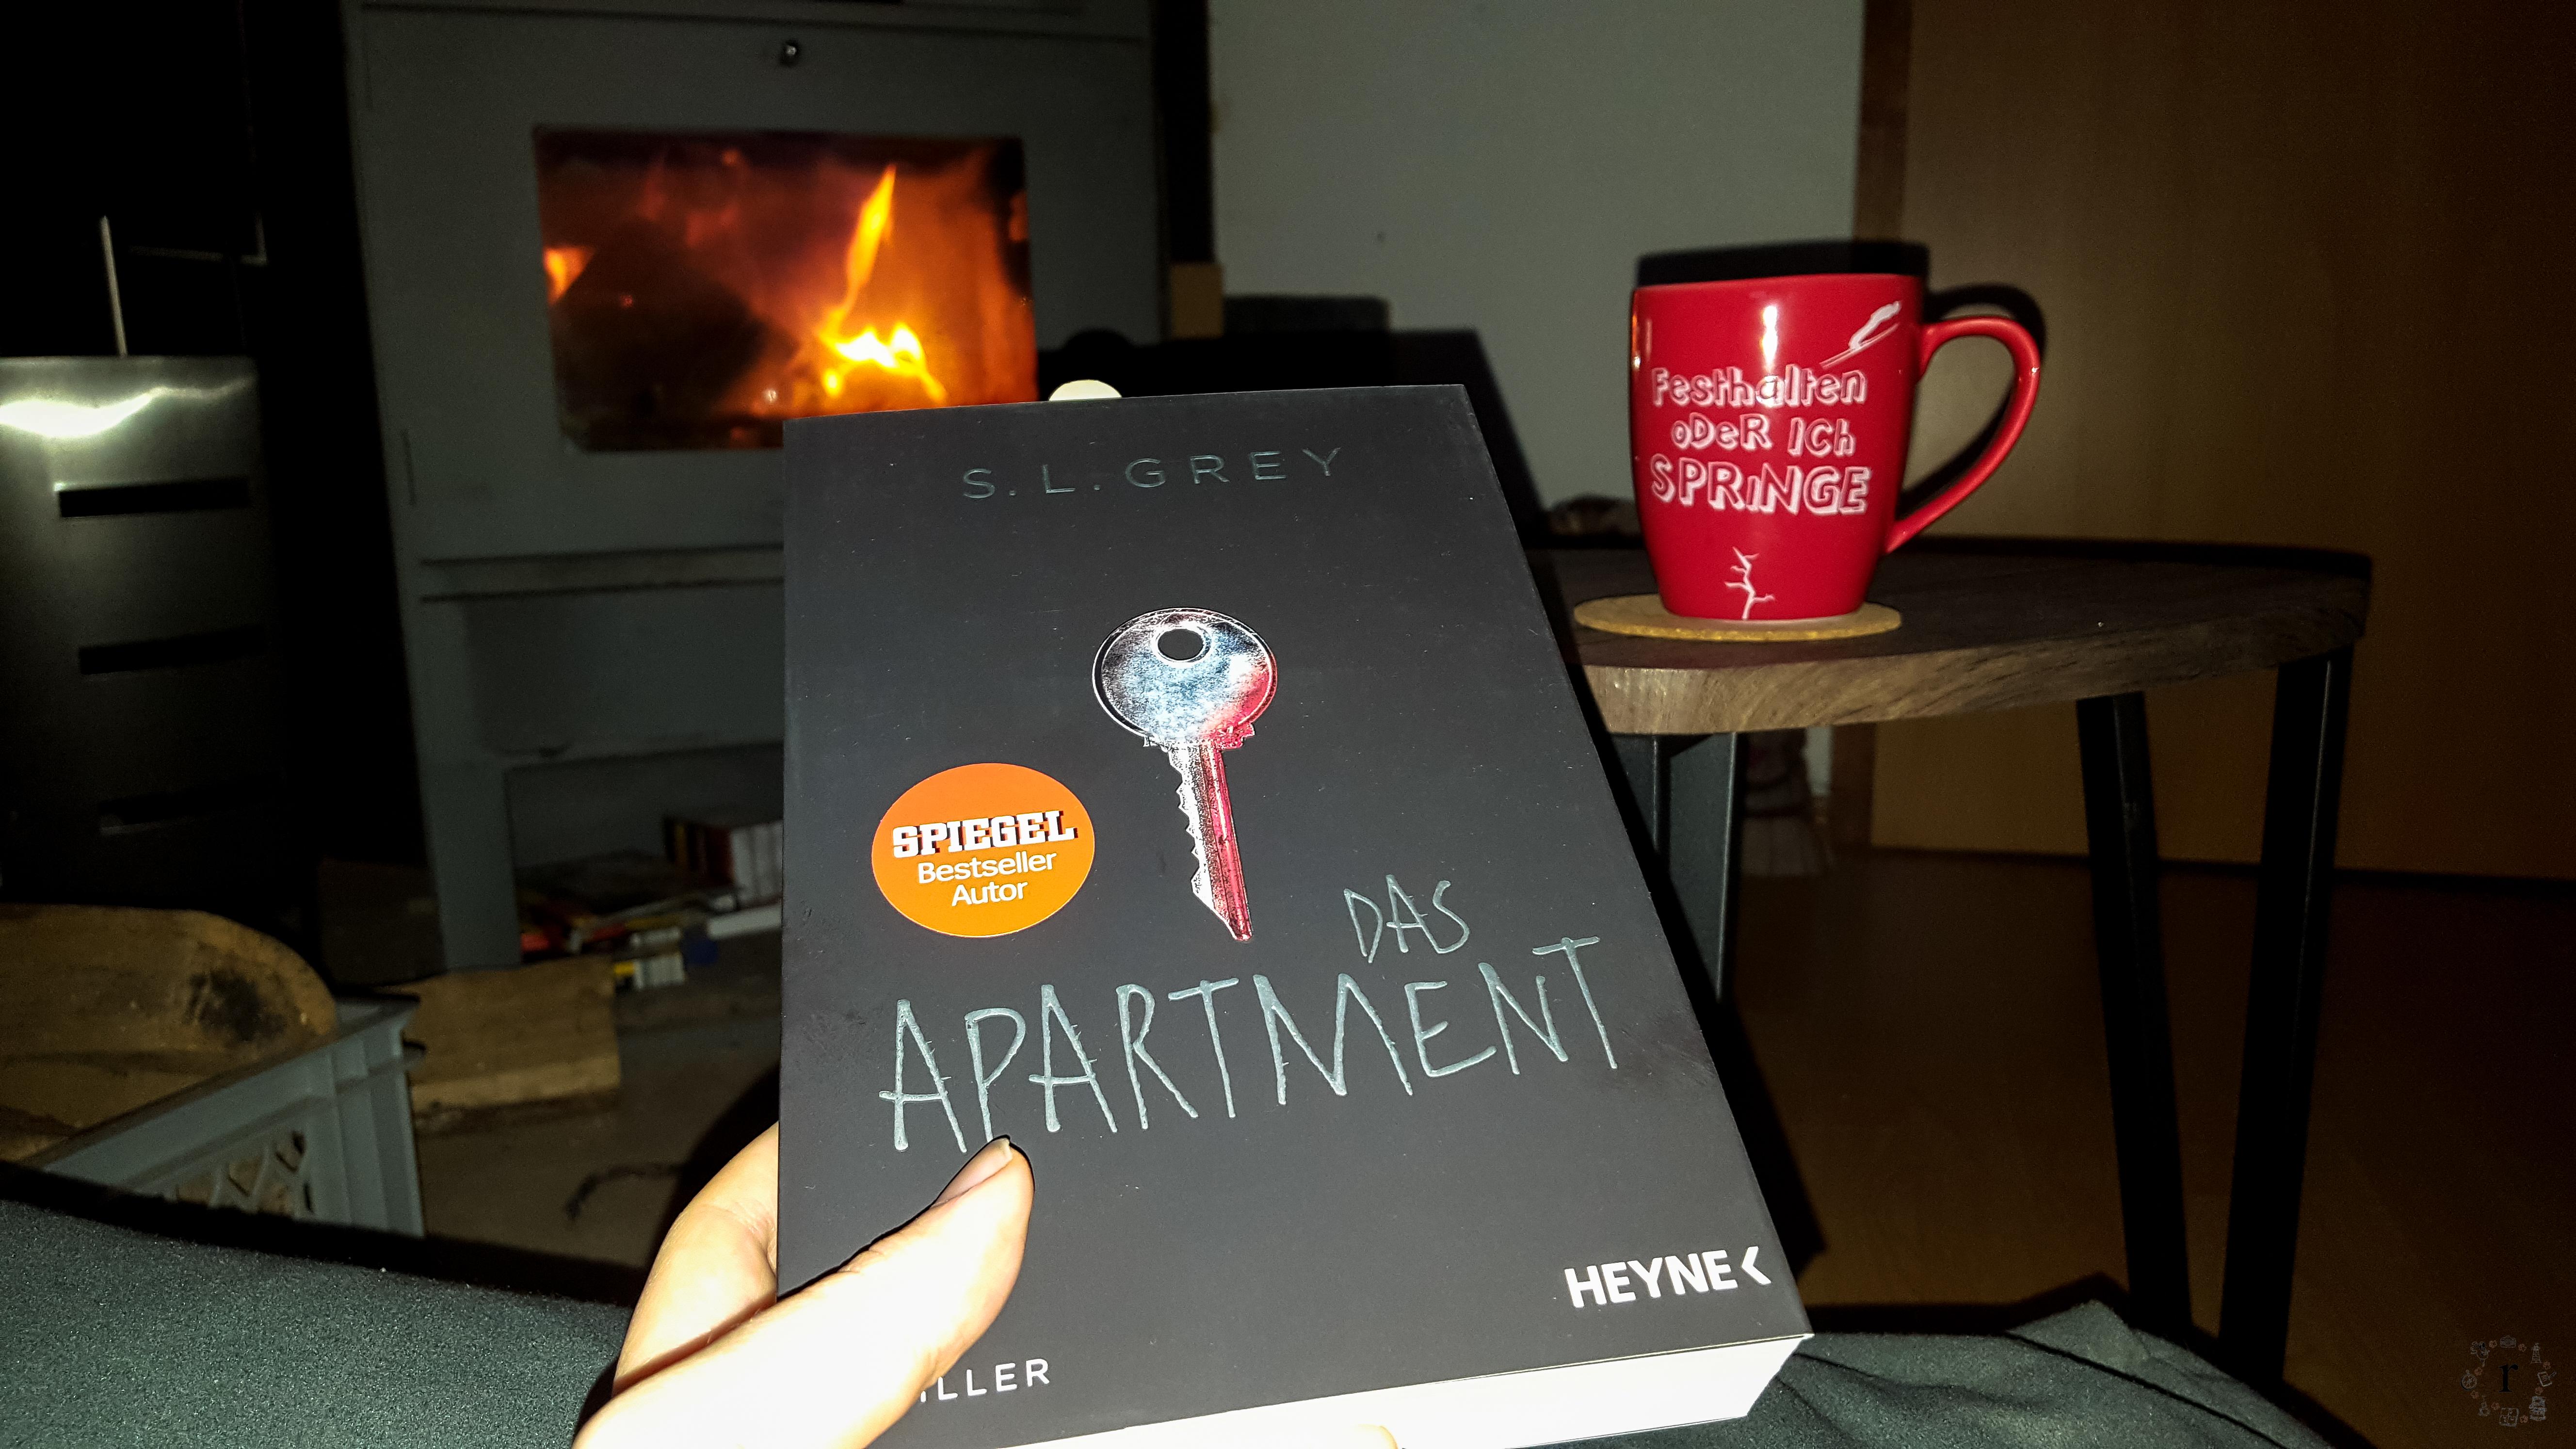 Rezensionen - Das Apartment von S. L. Grey